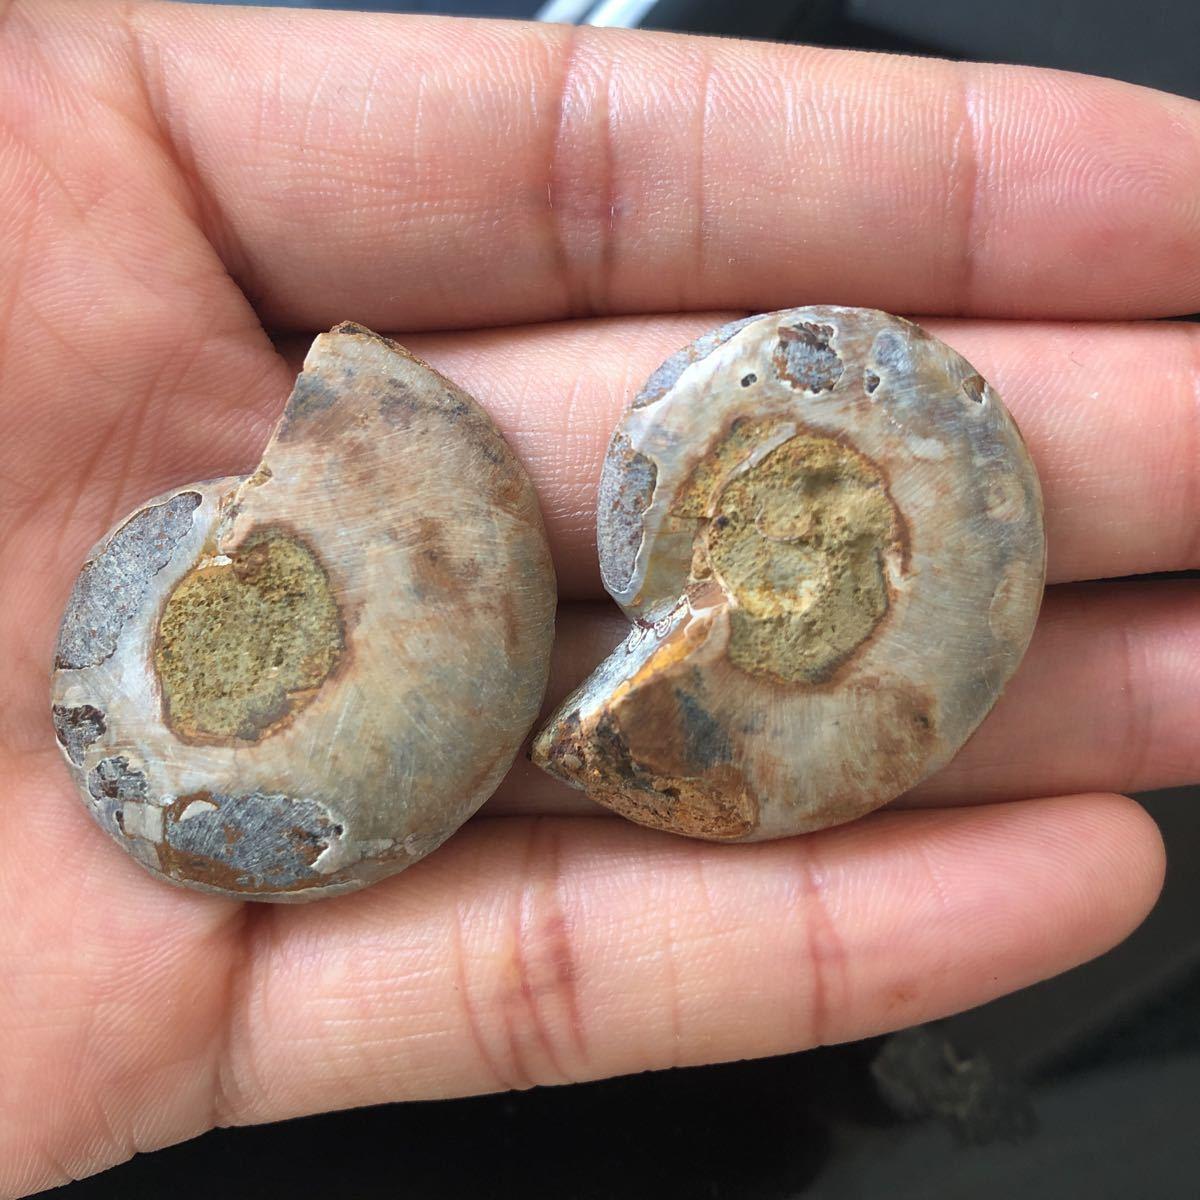 【古憶】化石 アンモナイト 断面 マダガスカル産 方解石化 標本 鉱物 原石 天然石2個セント21.5g/qp70_画像5